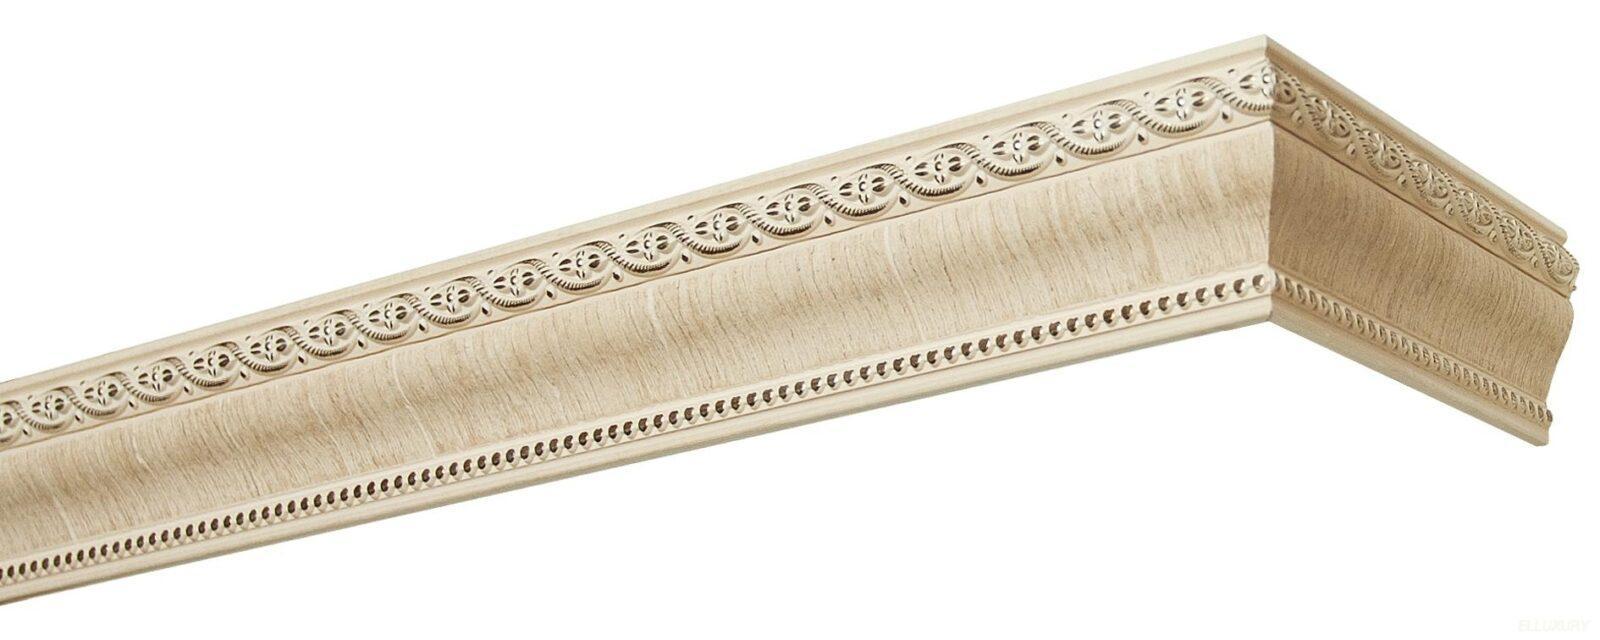 Комплект боковин для карниза Пиано 2026Б беленый дуб 60мм